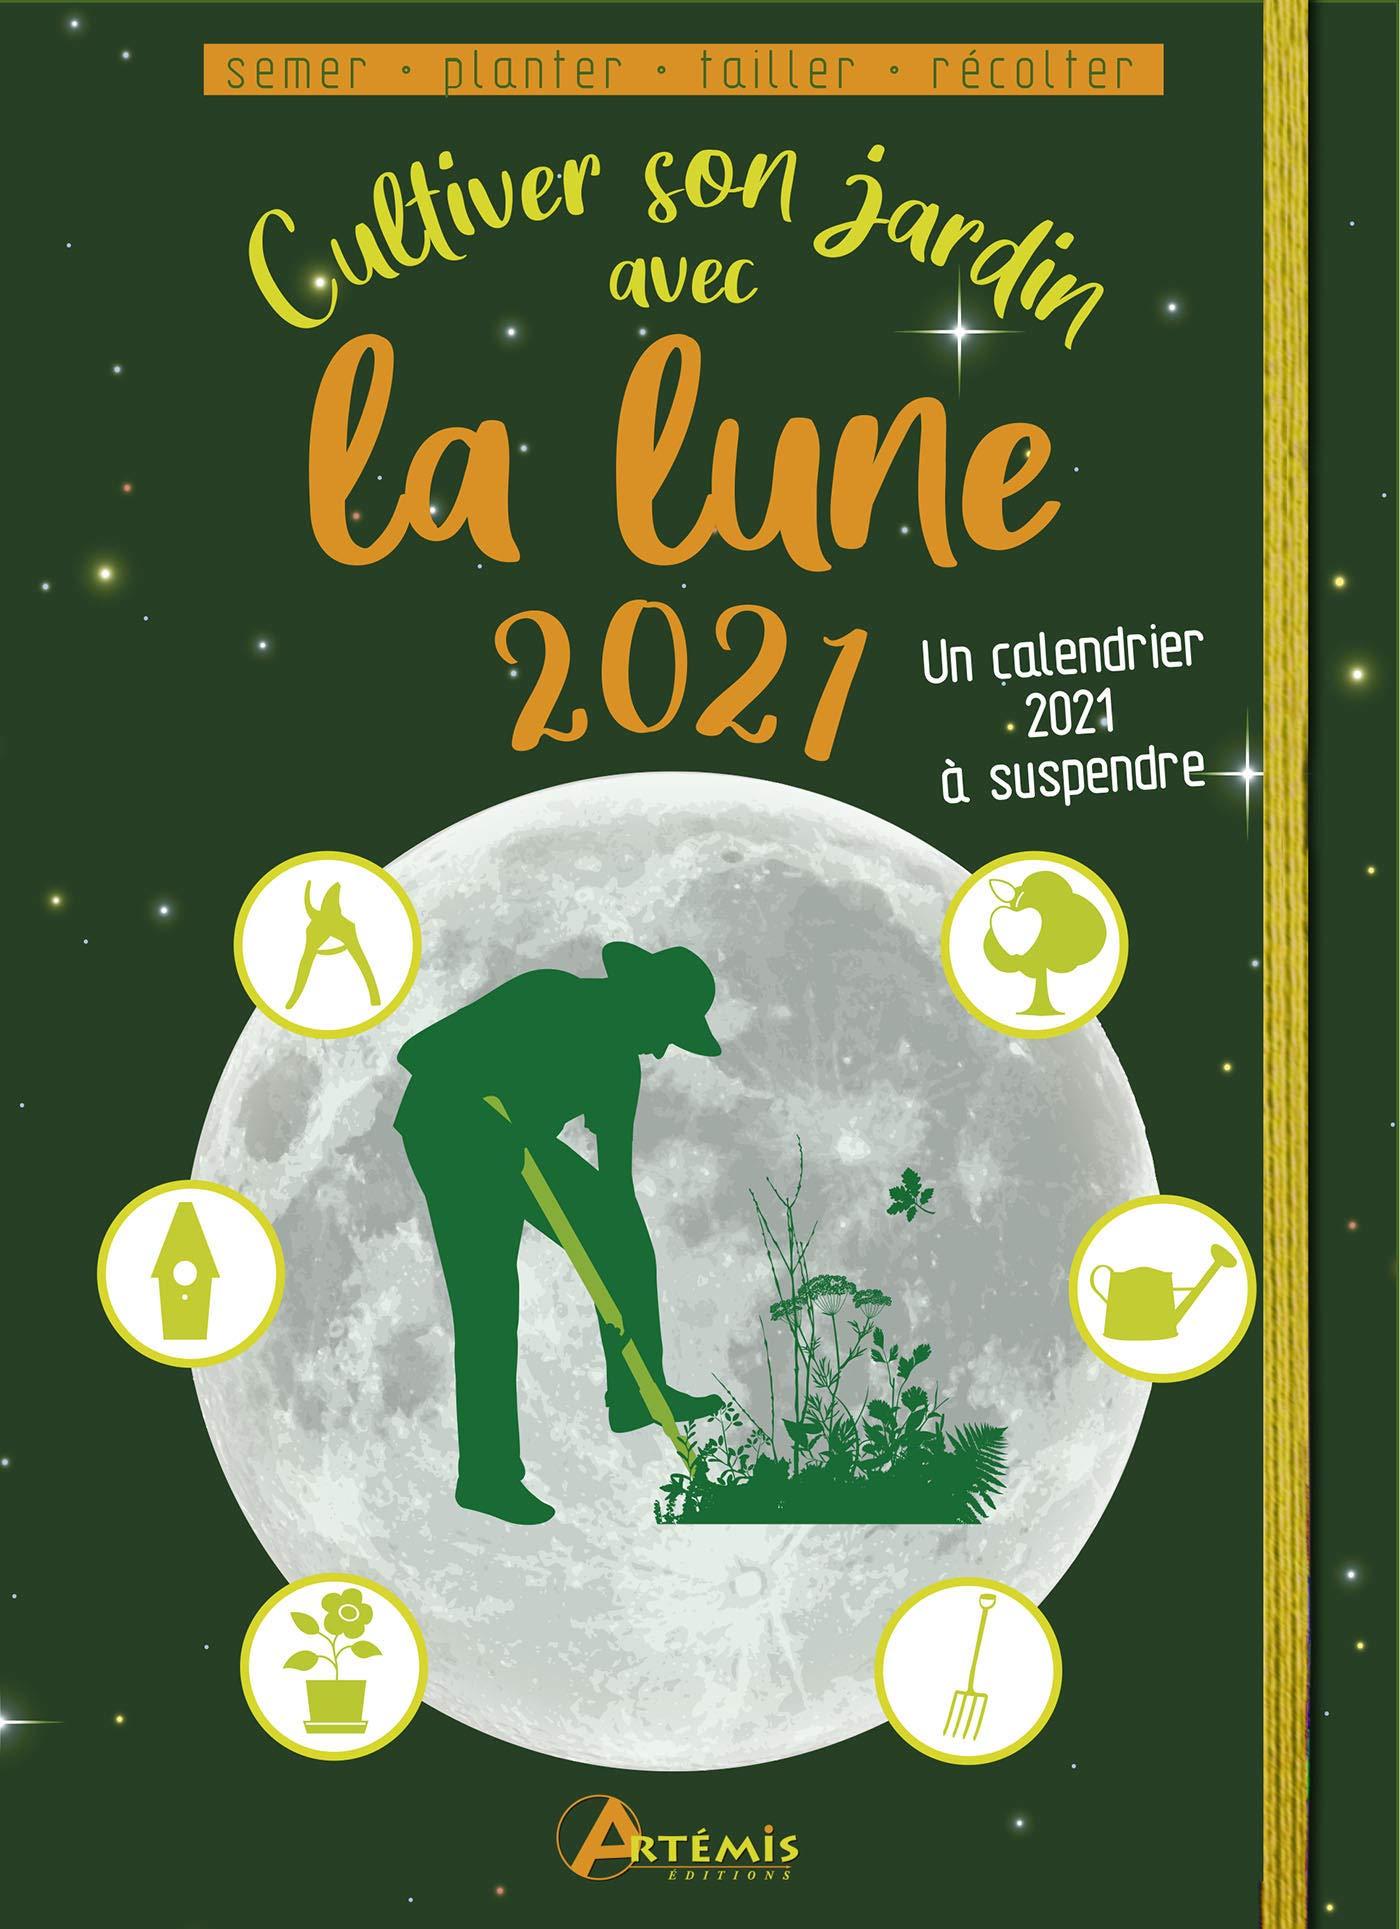 Cultiver son jardin avec la lune 2021 (French Edition): DELVAILLE